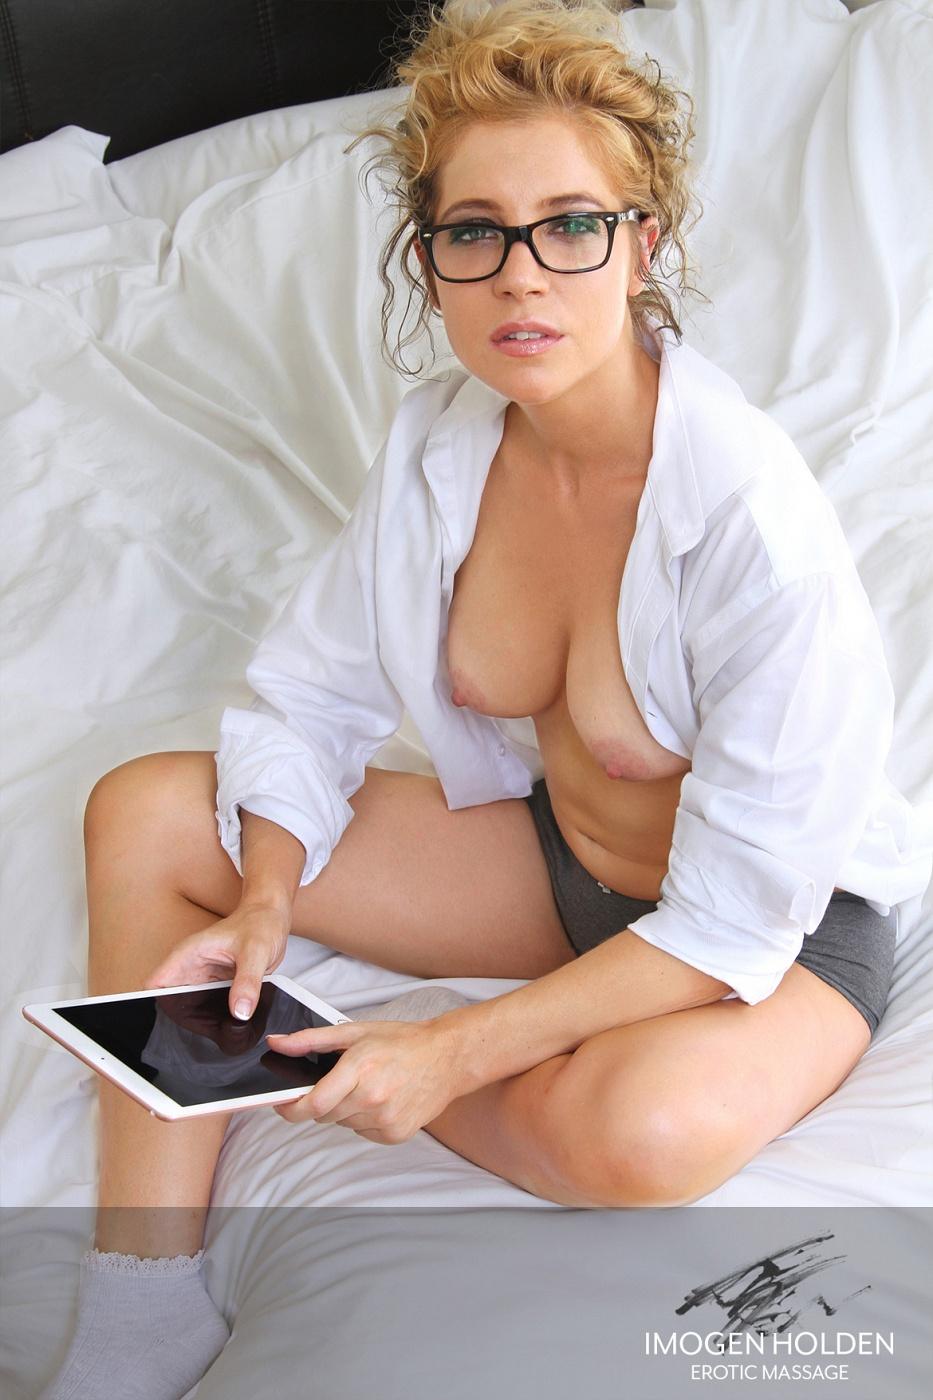 Imogen Holden